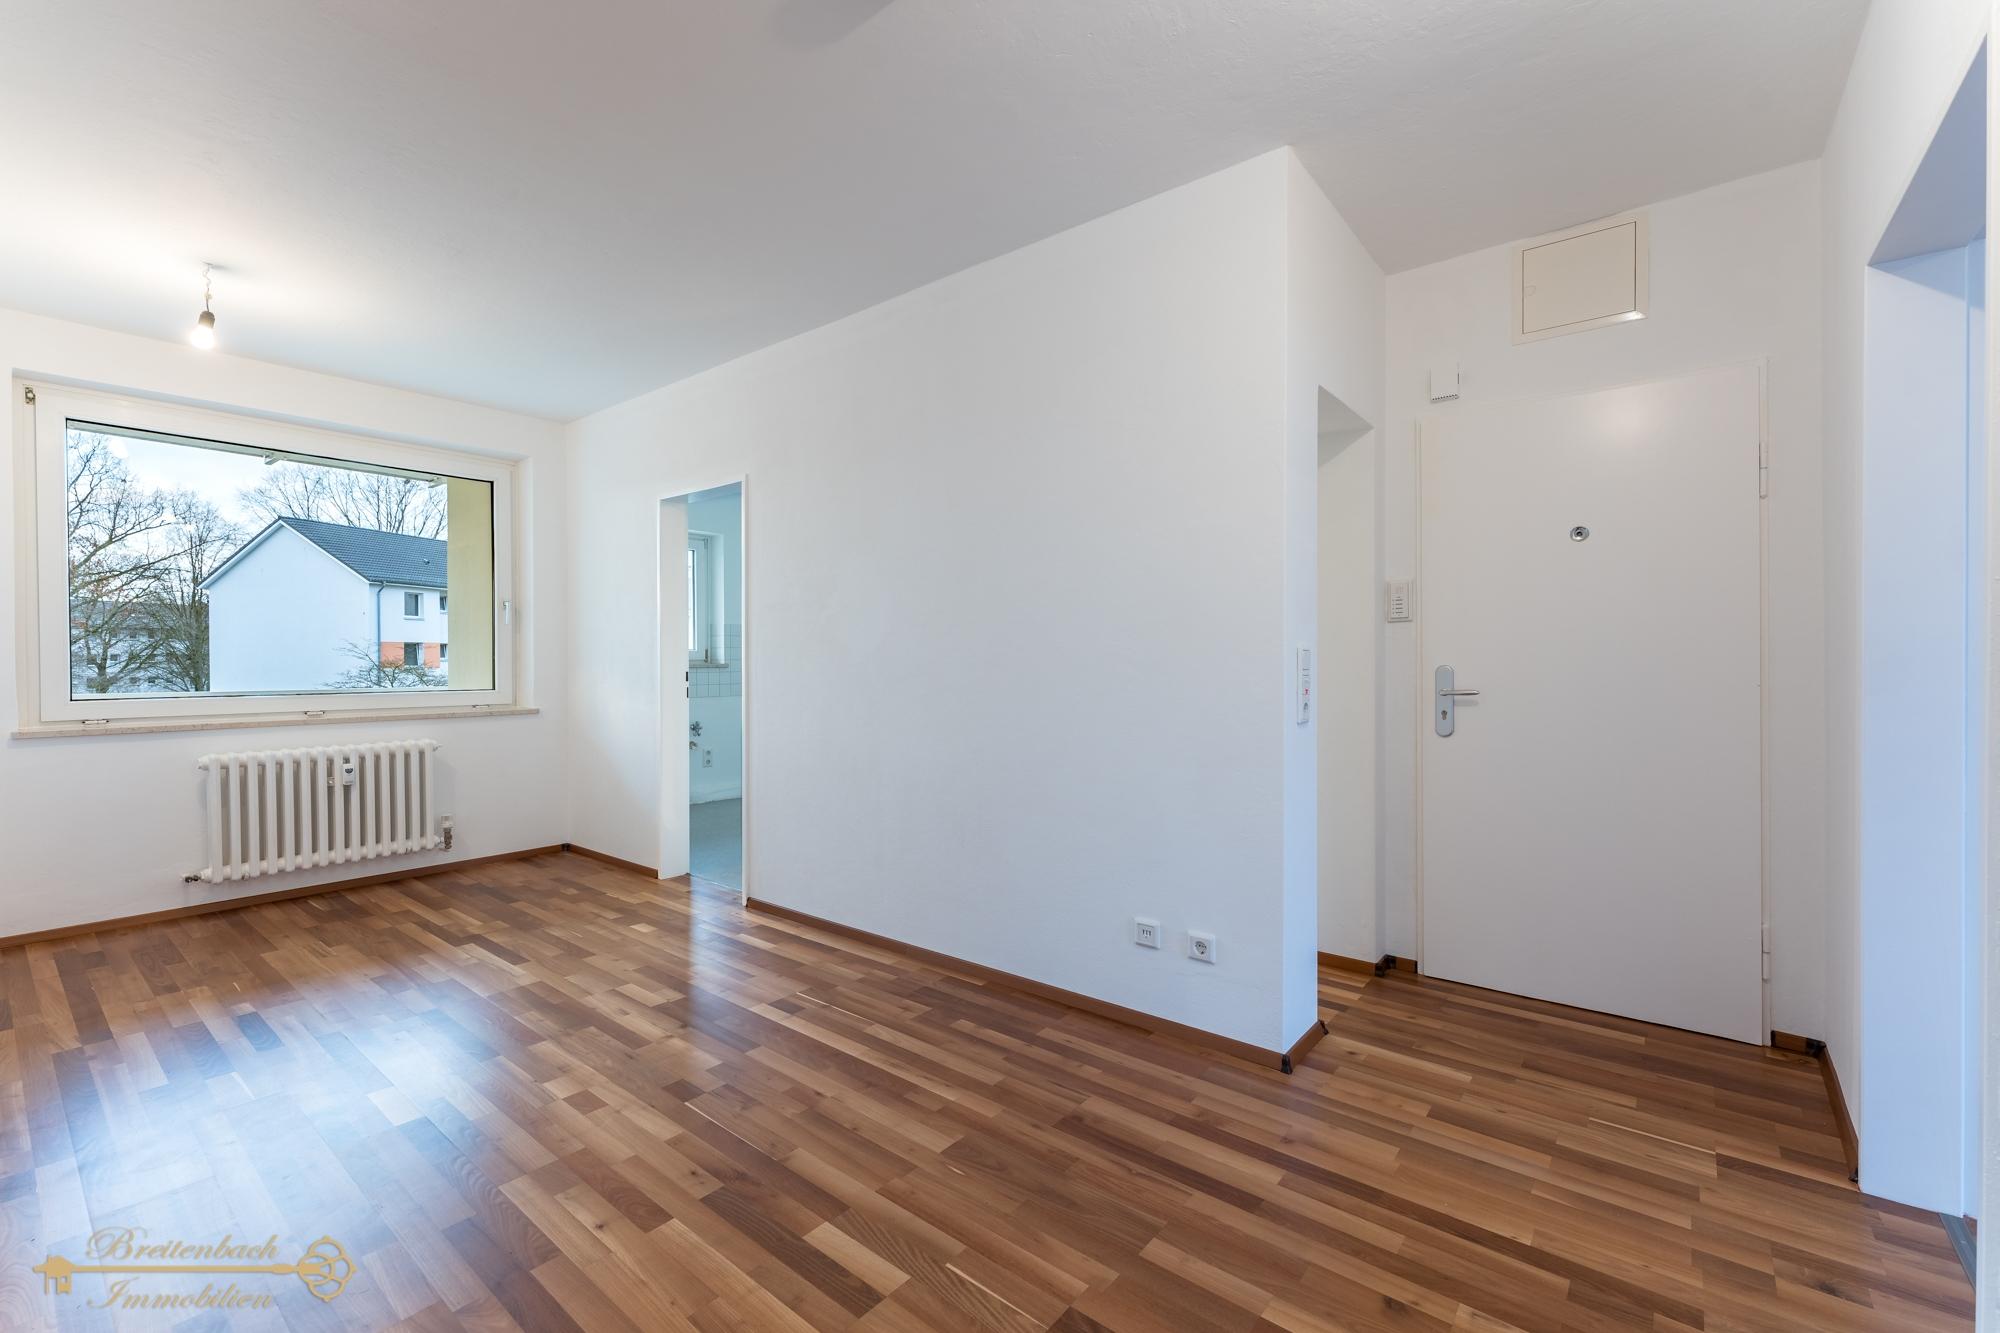 2021-01-09-Breitenbach-Immobilien-5